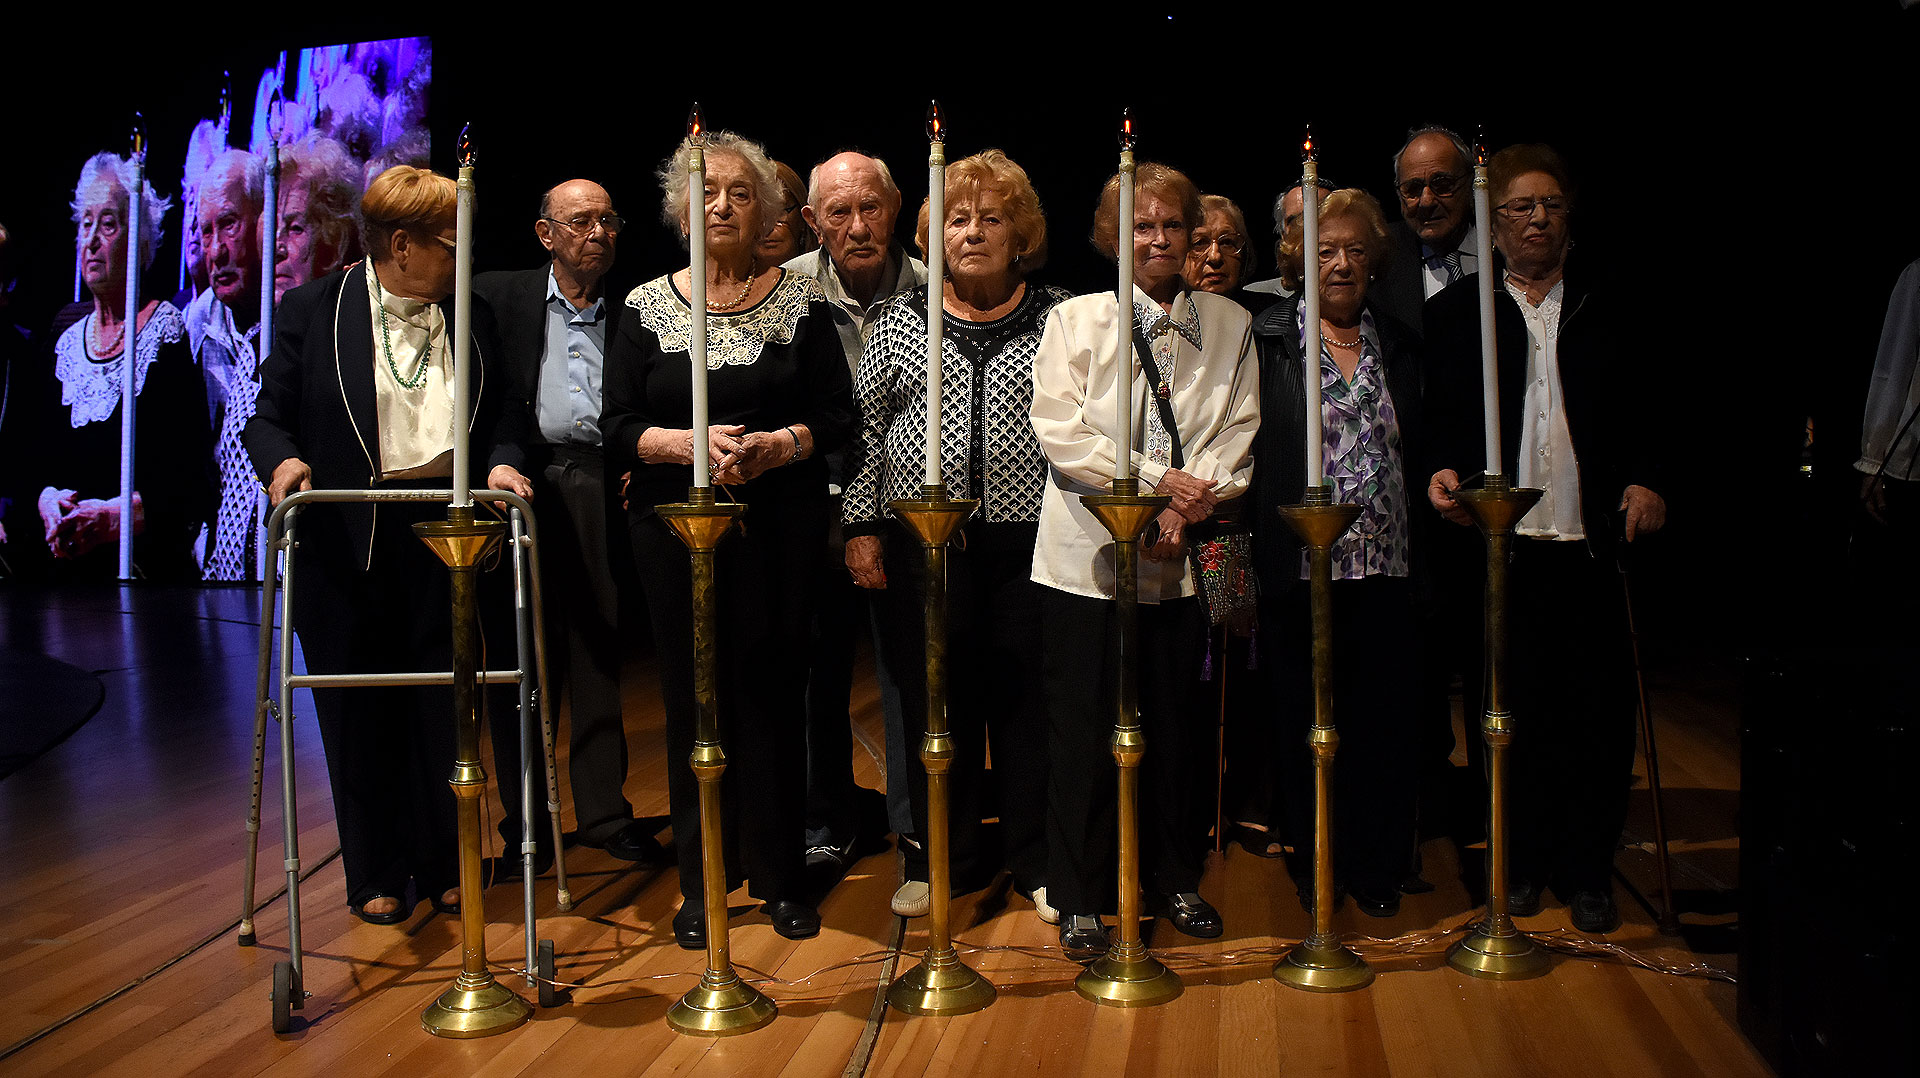 Luz por la memoria: el emotivo encendido de velas de los sobrevivientes, recordando a los seis millones de judíos que fueron asesinados durante el Holocausto